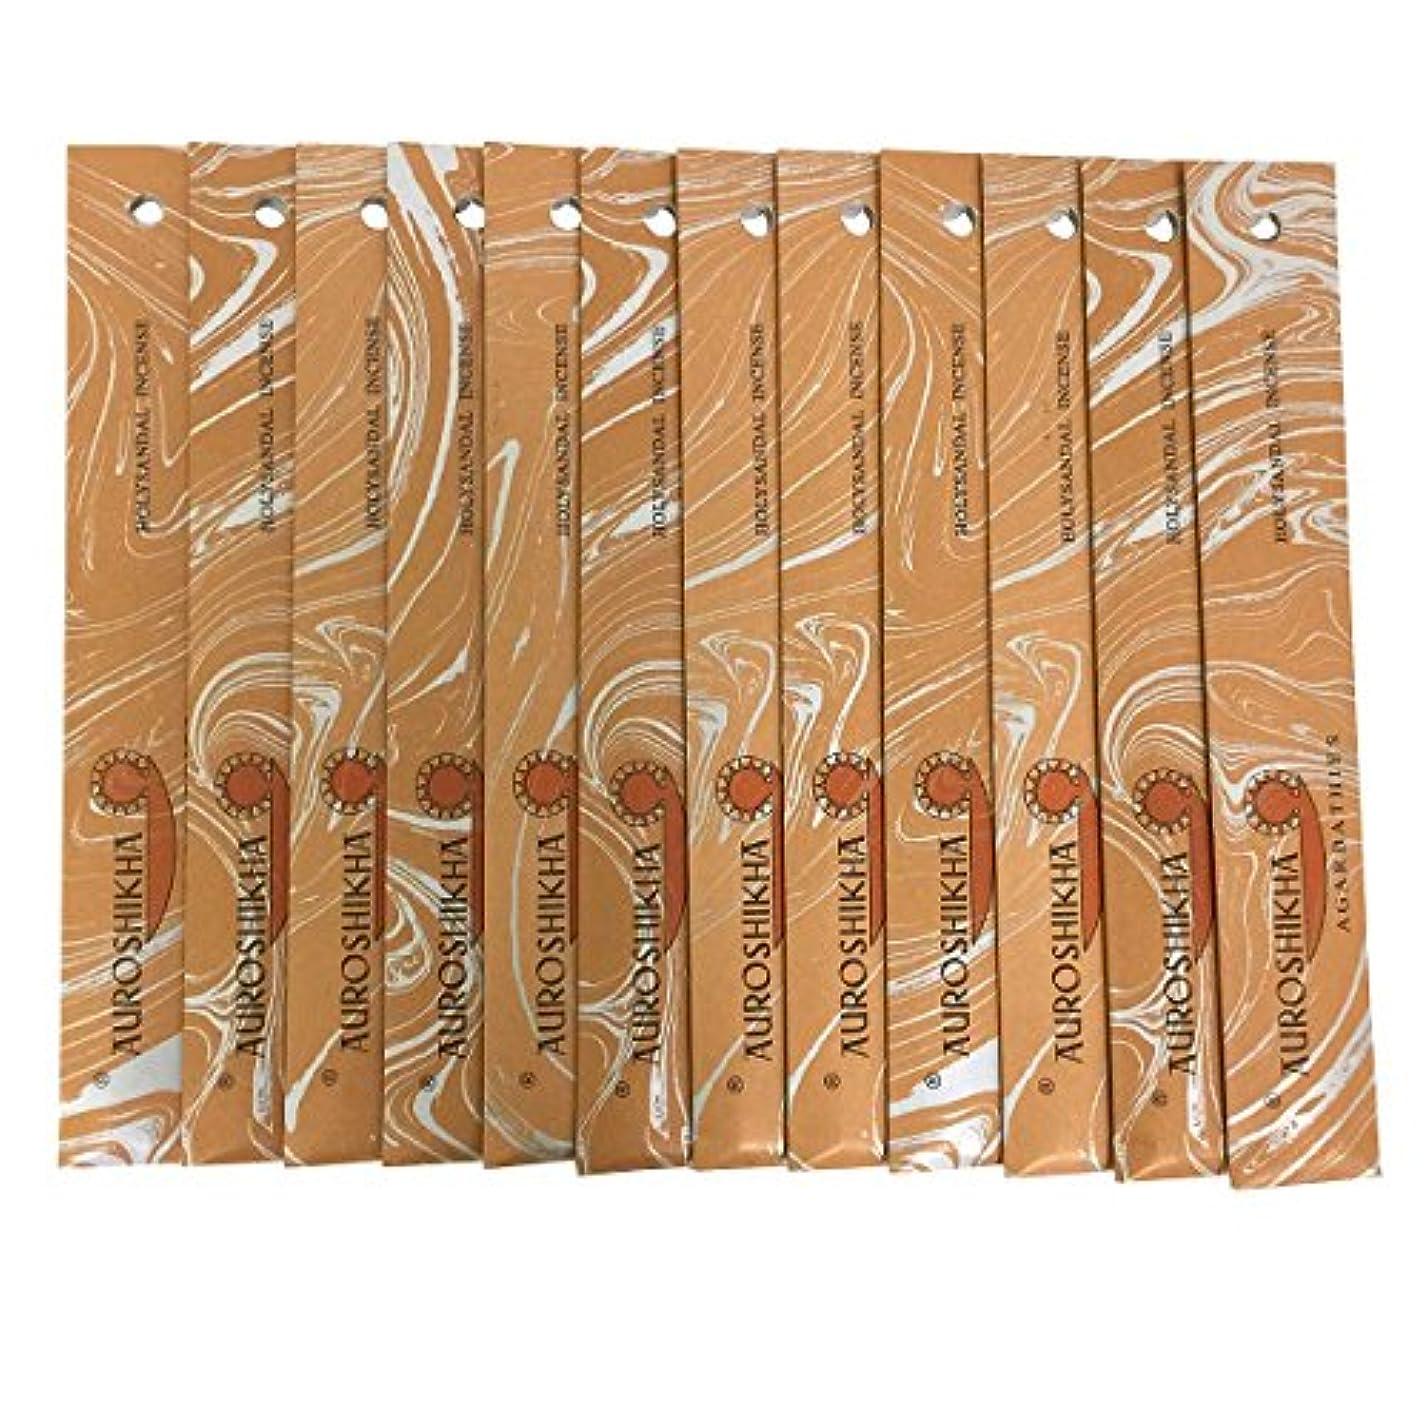 道を作る剣リーフレットAUROSHIKHA オウロシカ(HOLYSANDALホーリーサンダル12個セット) マーブルパッケージスティック 送料無料